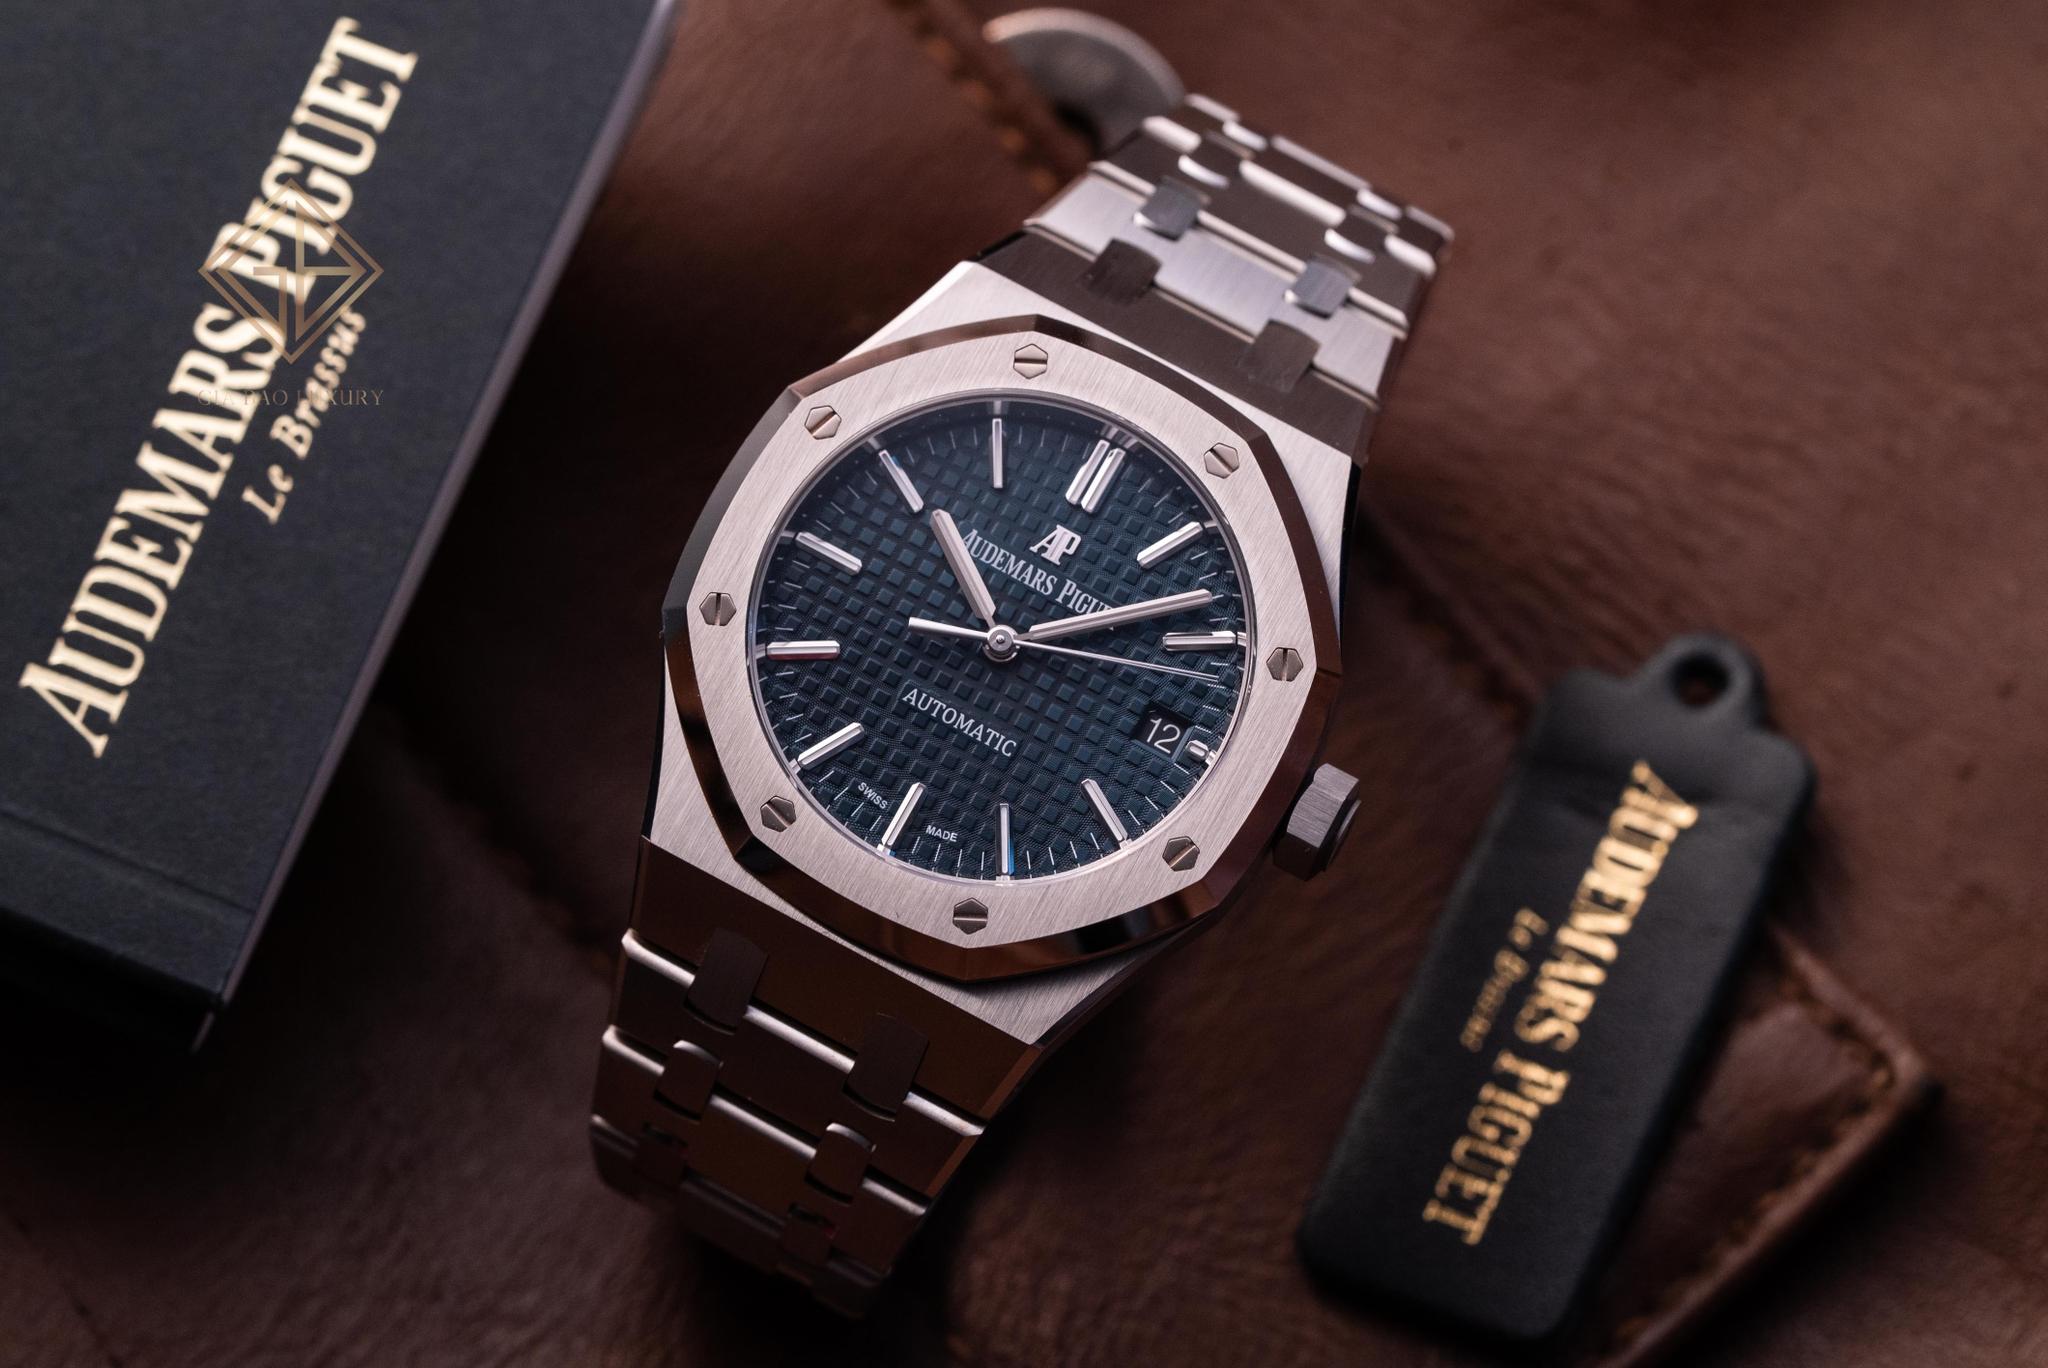 7 thiết kế biểu tượng trong ngành công nghiệp đồng hồ